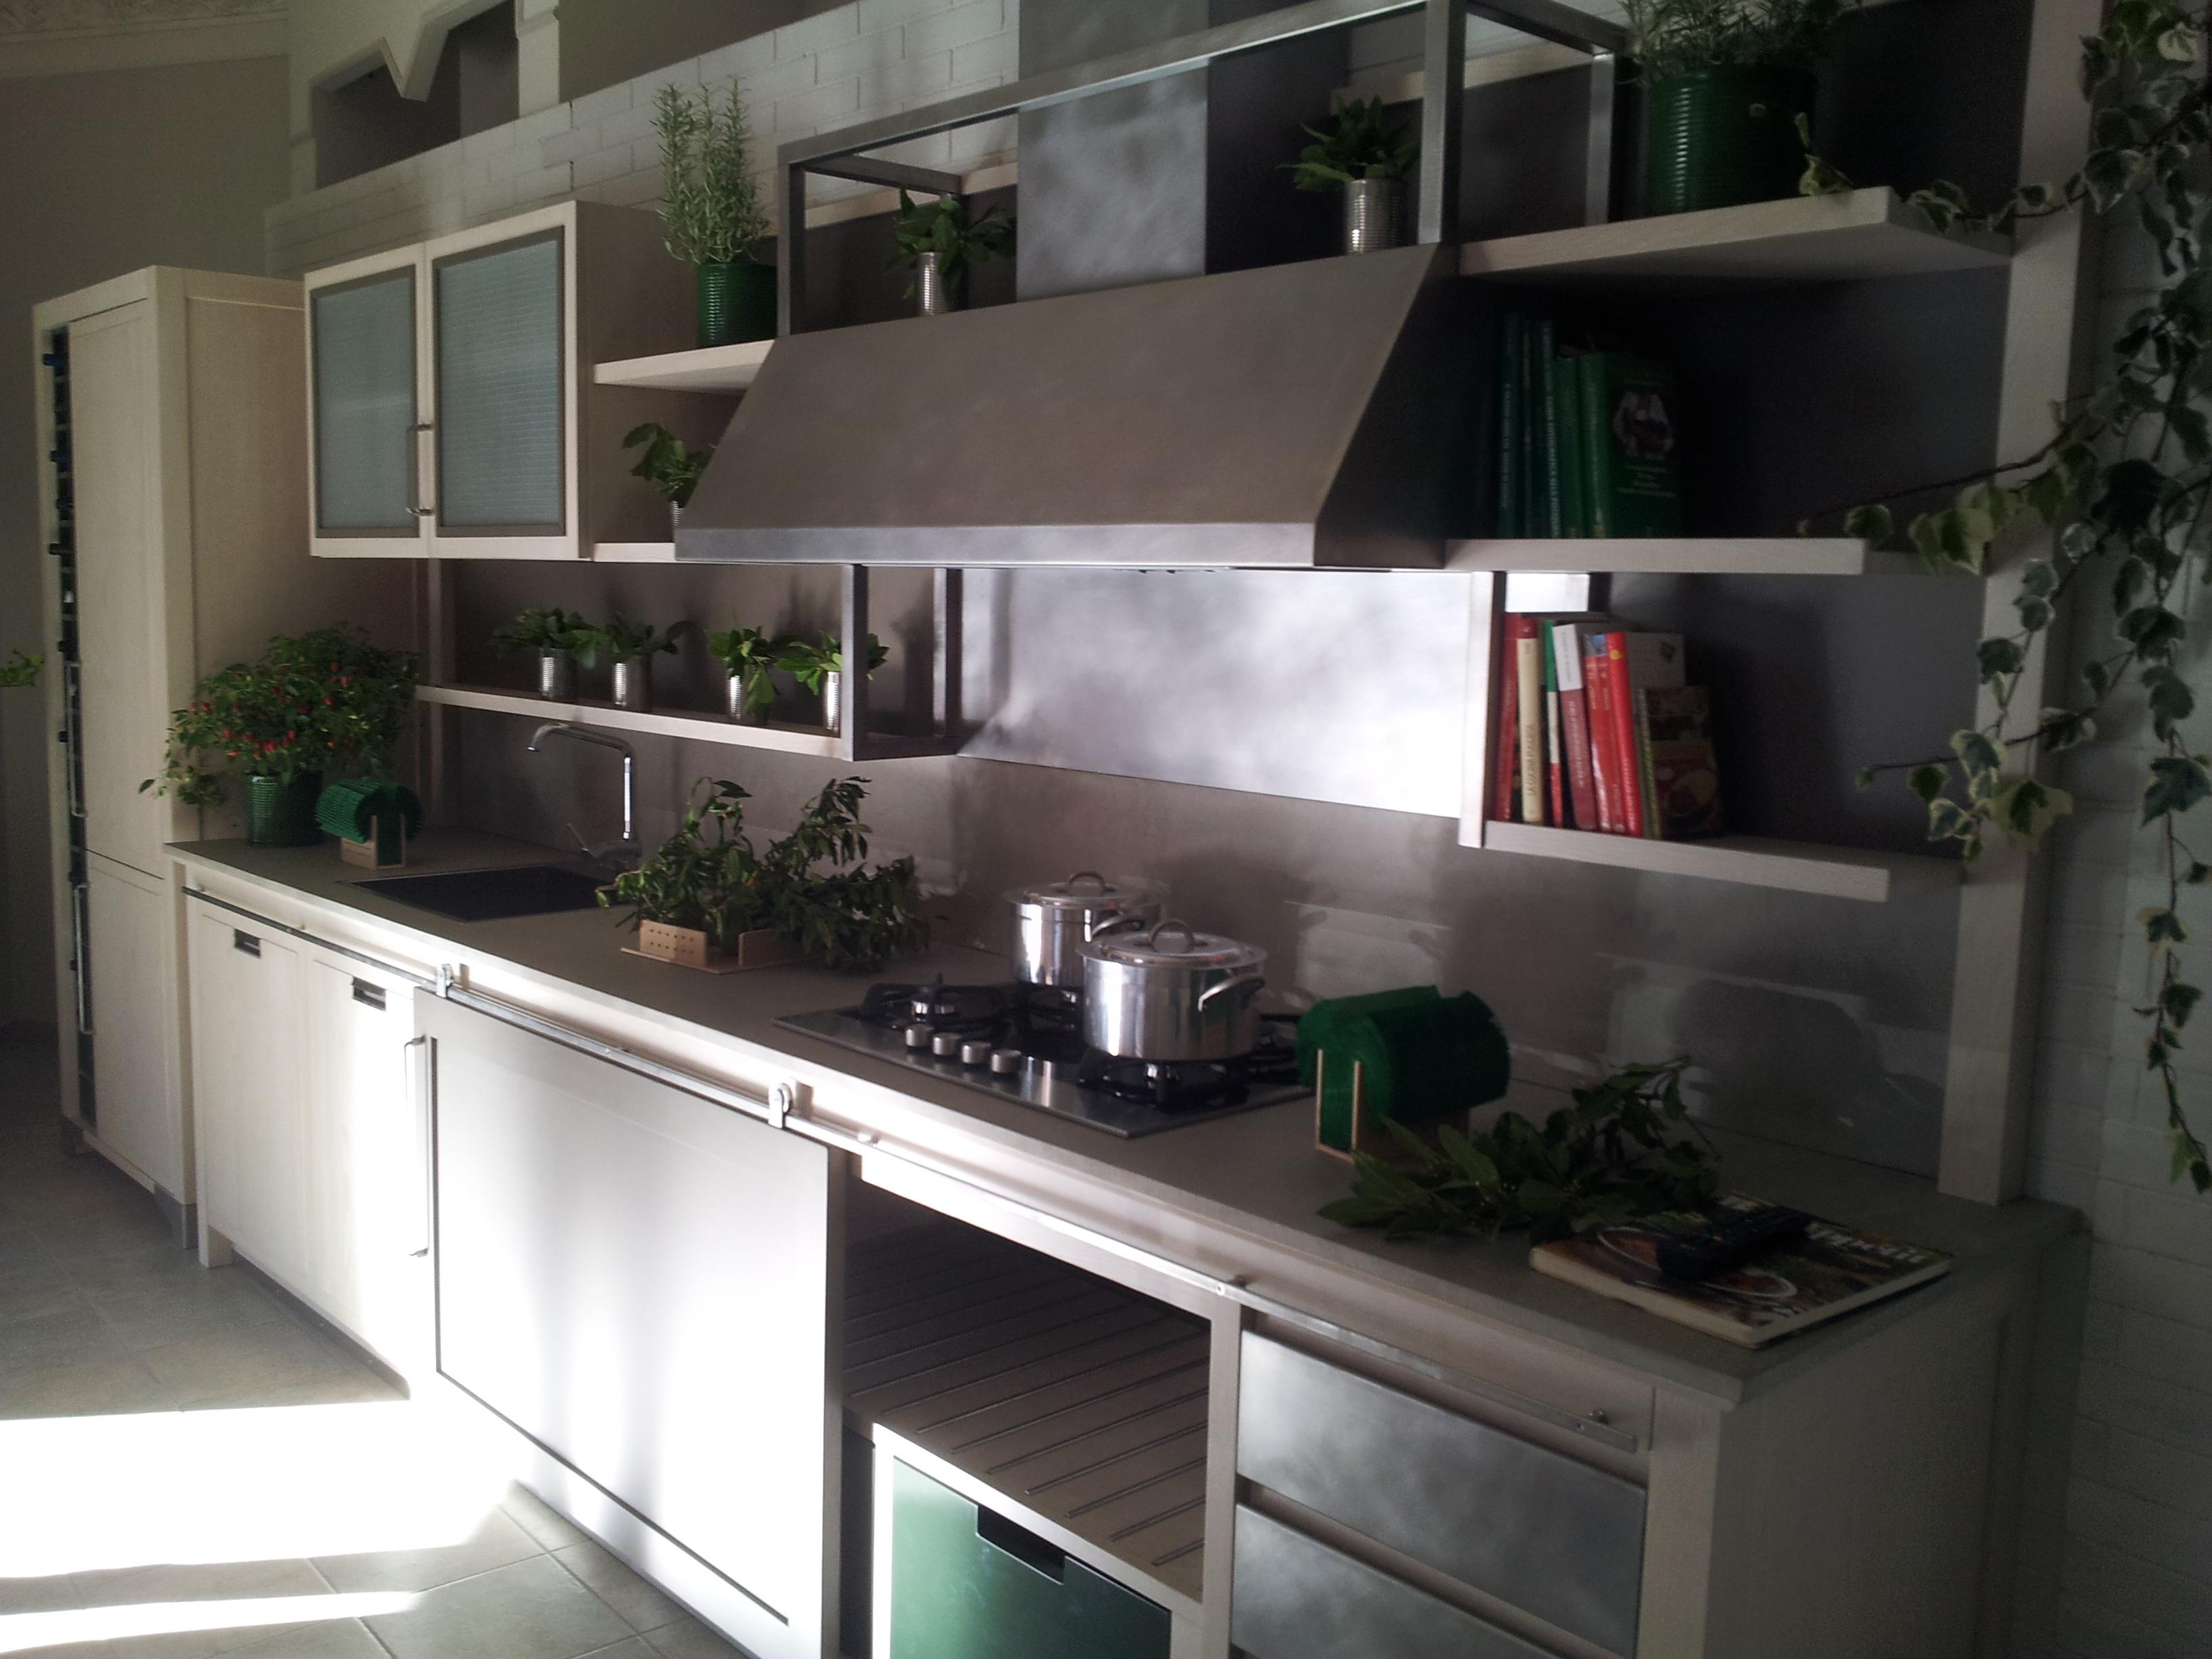 Beautiful Cucine L Ottocento Prezzi Contemporary - harrop.us - harrop.us